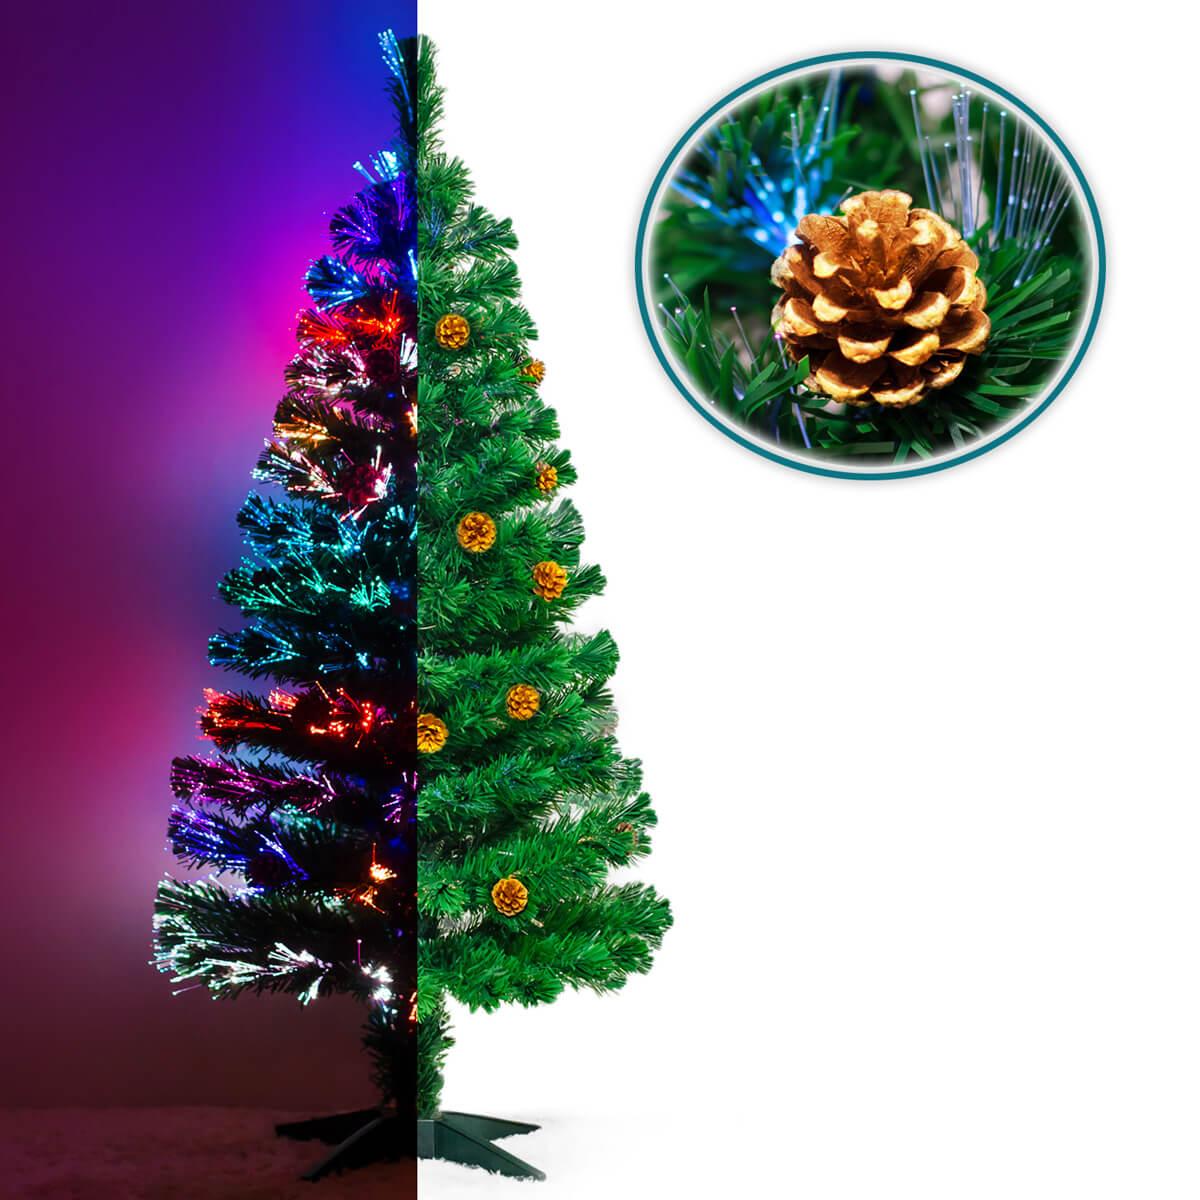 weihnachtsbaum christbaum 1 5 m tannenbaum led beleucht. Black Bedroom Furniture Sets. Home Design Ideas